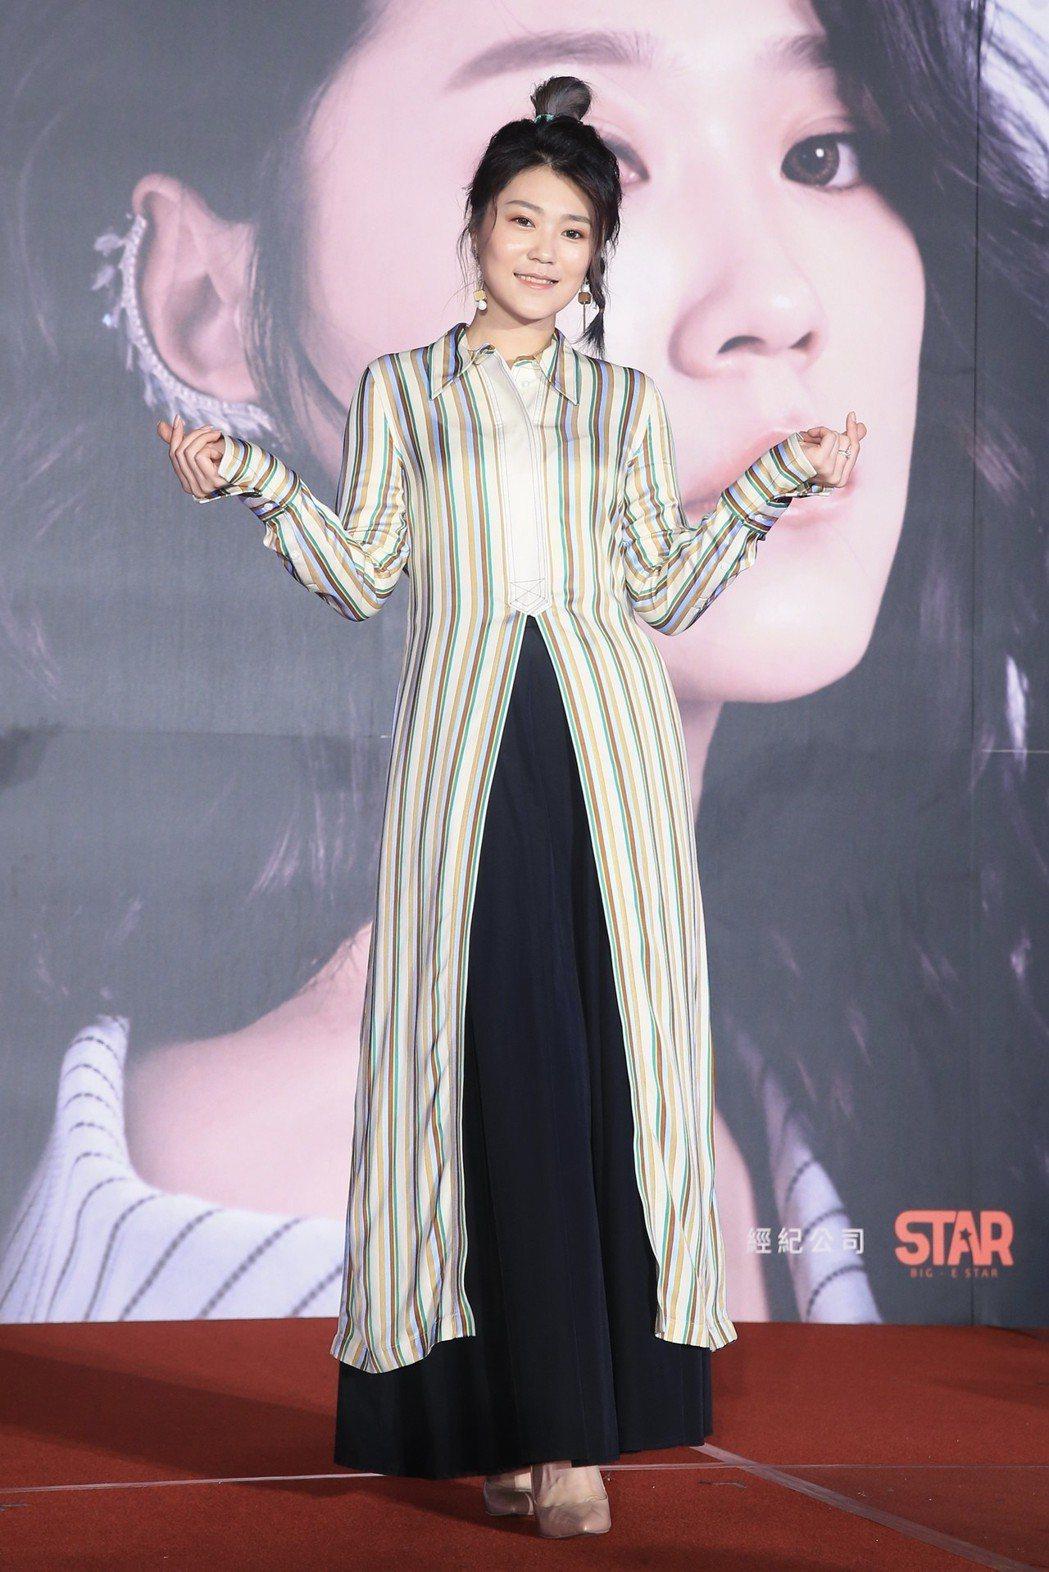 台語新生代人氣歌手曹雅雯舉行記者會,公布將於四月舉辦個人演唱會。記者林伯東/攝影